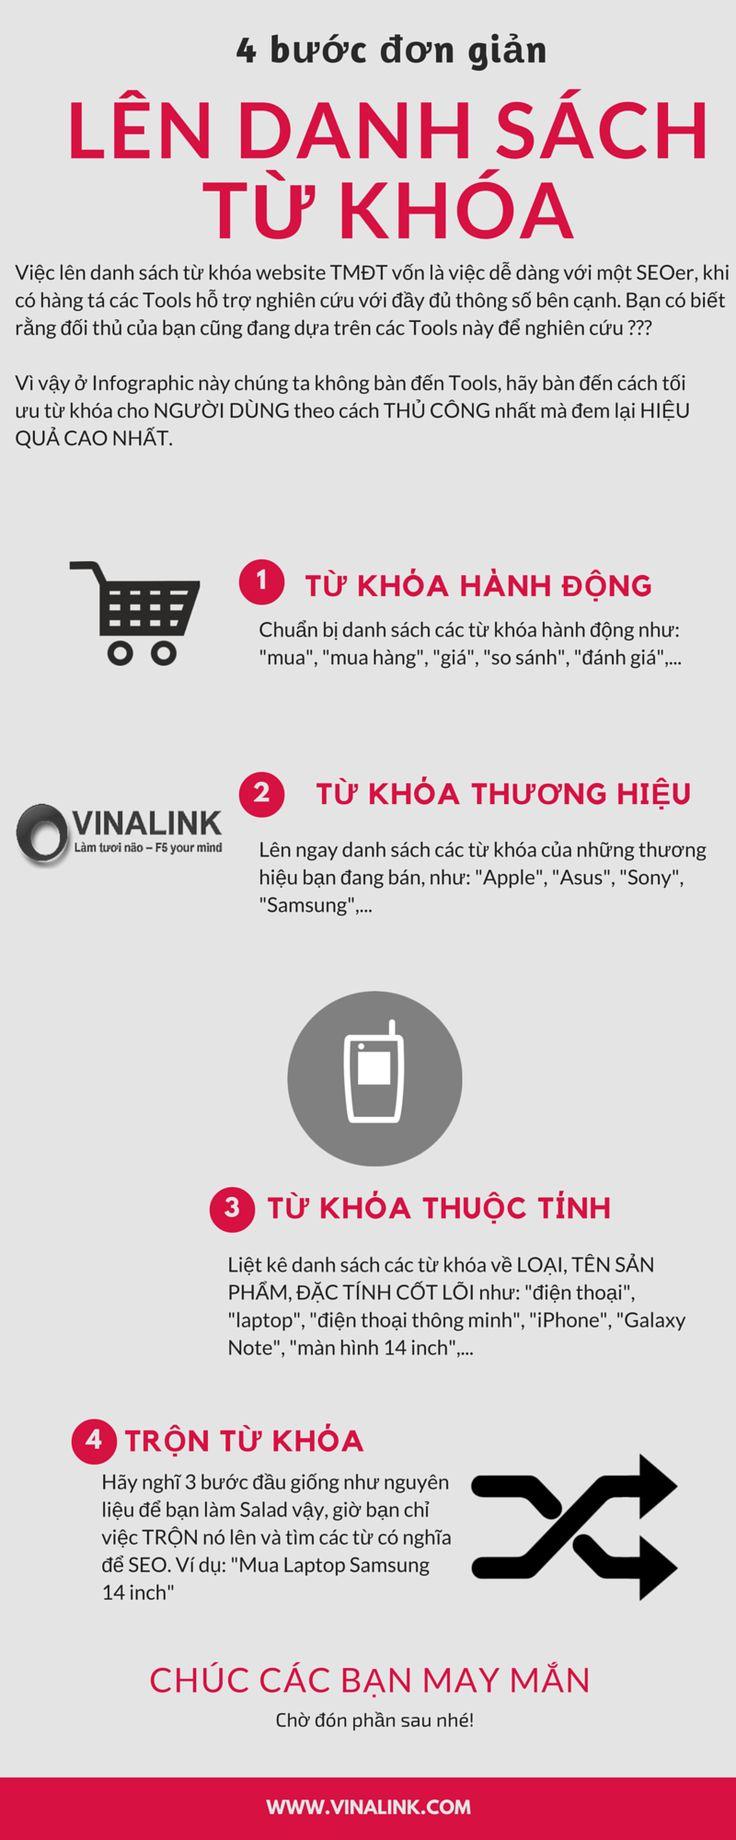 SEO website thương mại điện tử - P2. Lên danh sách từ khóa